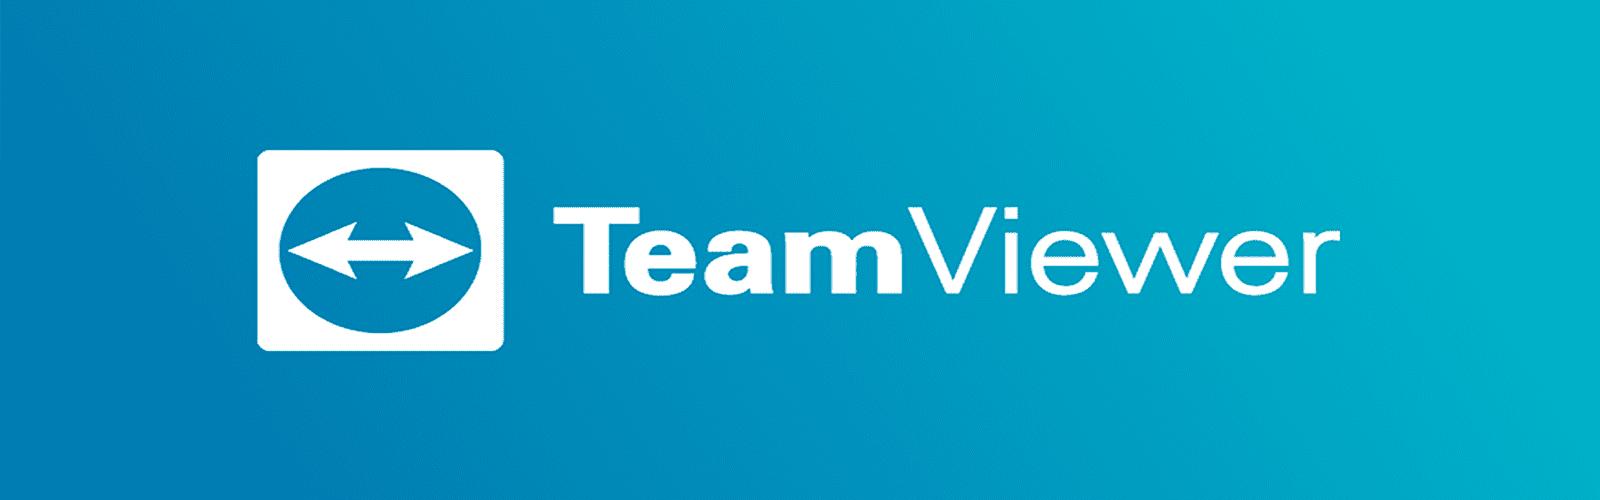 TeamViewer-Licencias-Venta-Suscripciones-México